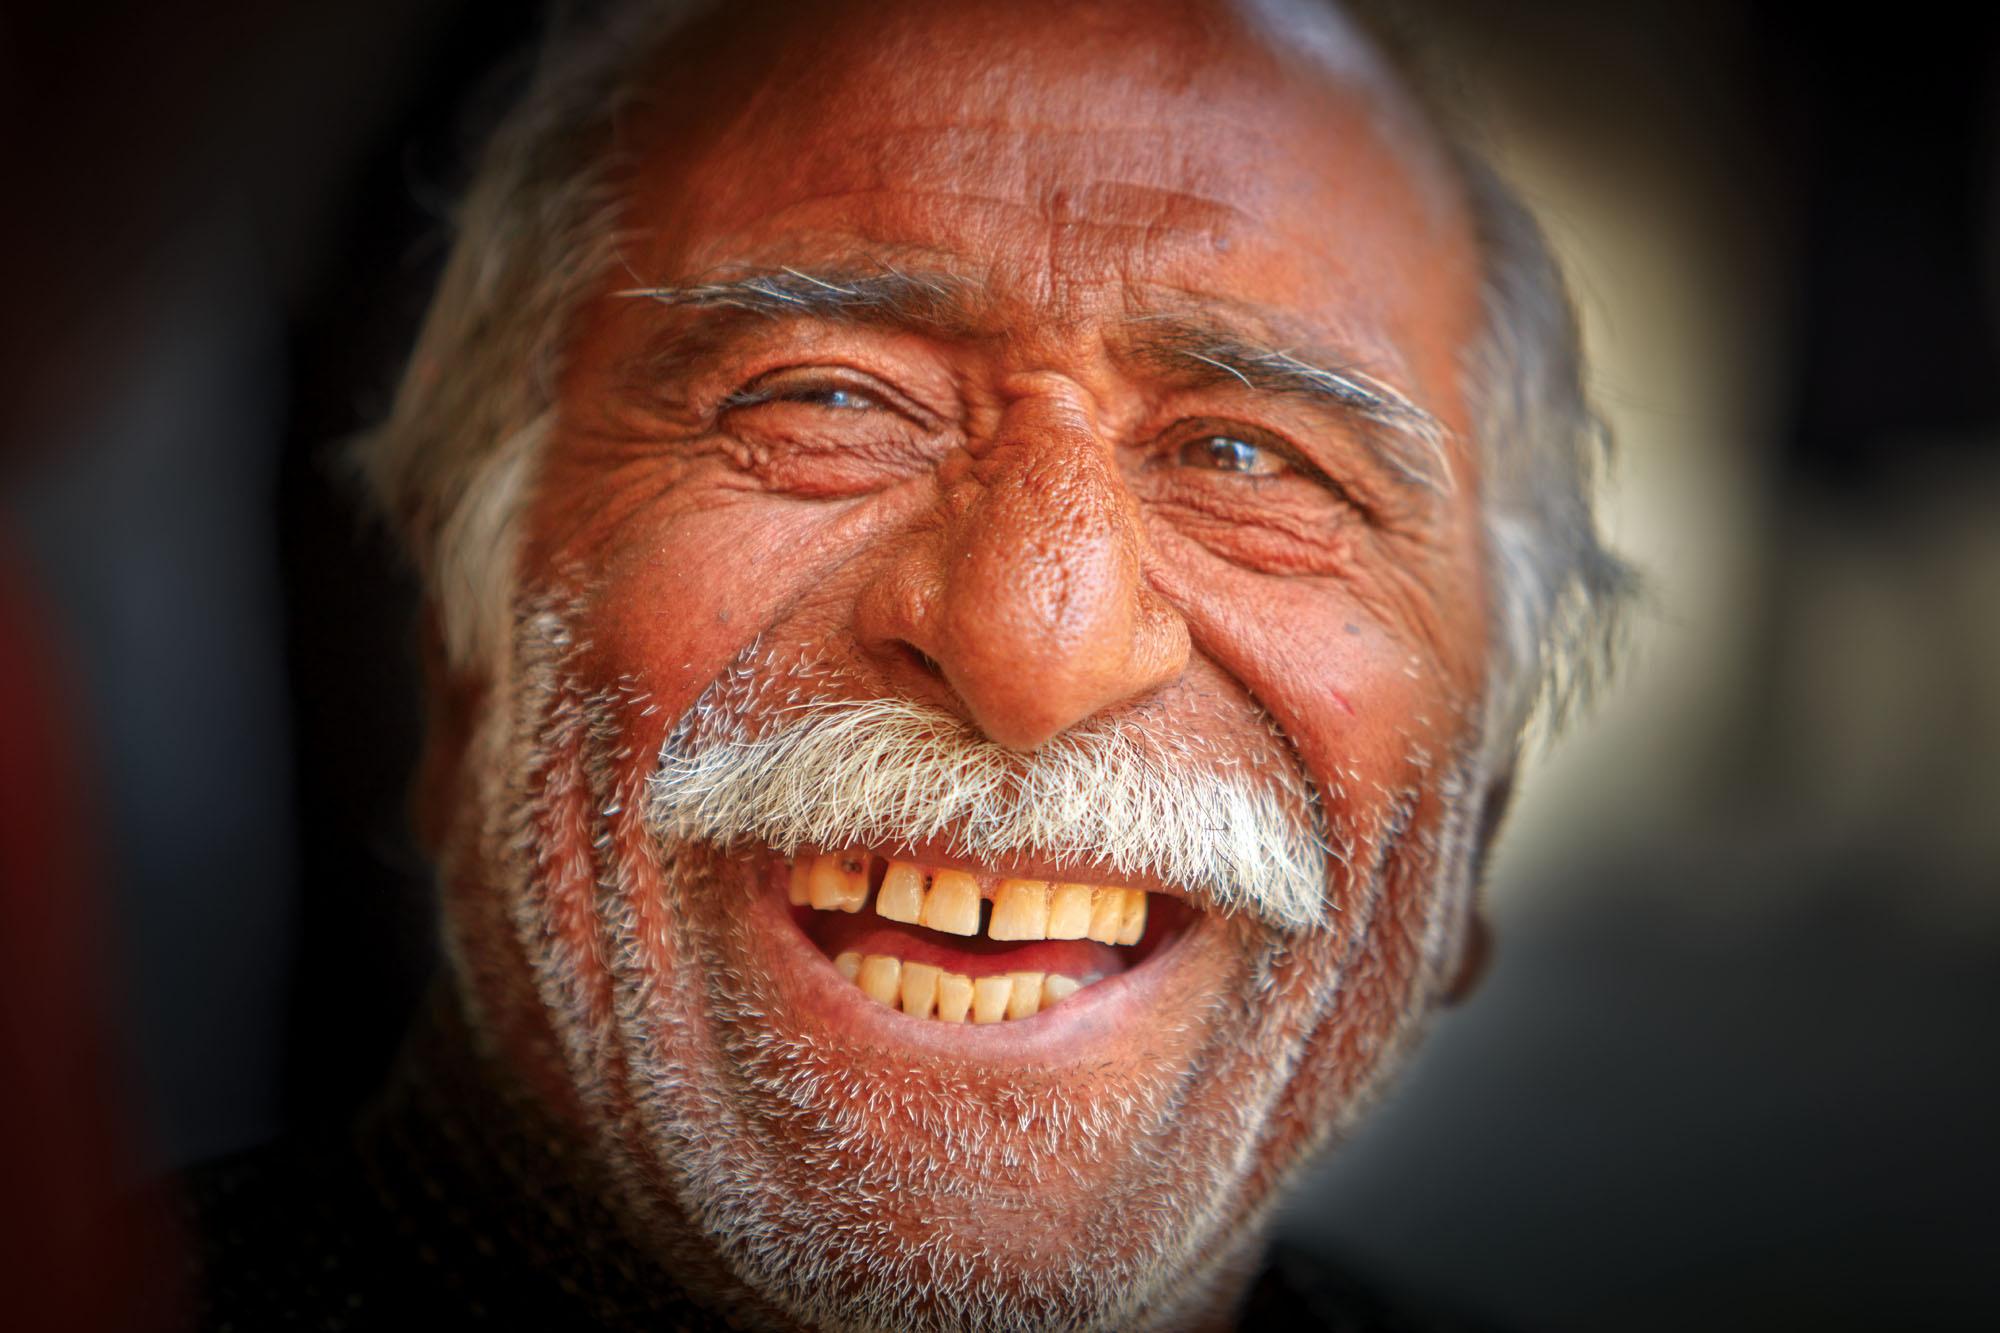 Musician and whistle salesman, Hamadan, Iran. Canon EOS 5DSR, Canon 70-200mm f2.8, f2.8 @ 1/250 second, ISO 200.